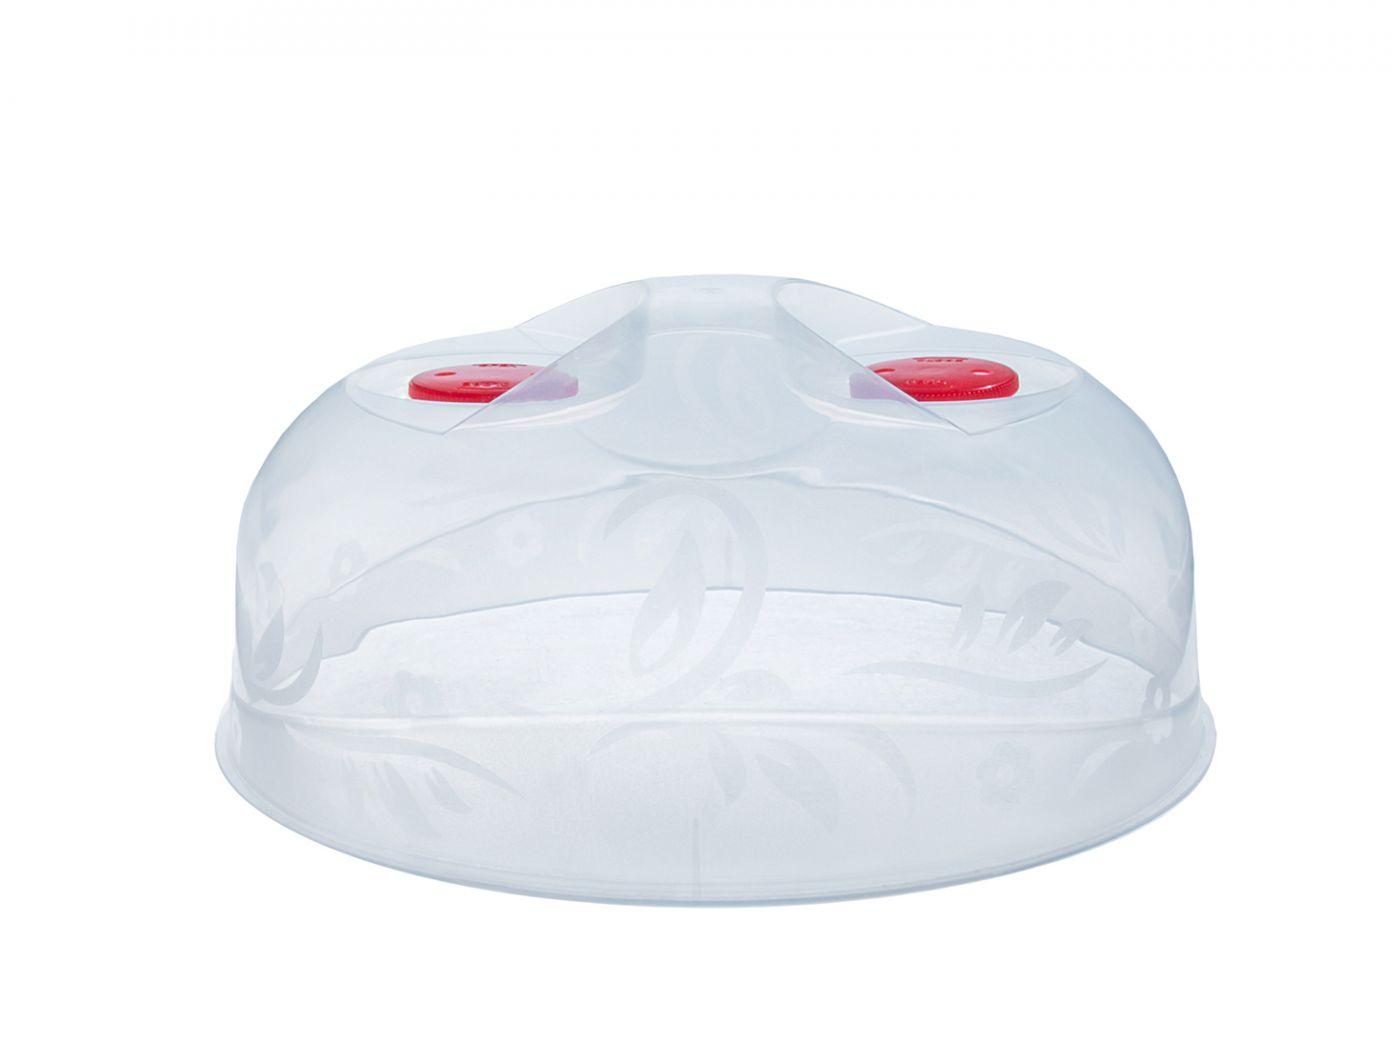 Крышка для микроволоновой печи / СВЧ Лайт 25 см с 2-мя клапанами круглая прозрачная Эльфпласт